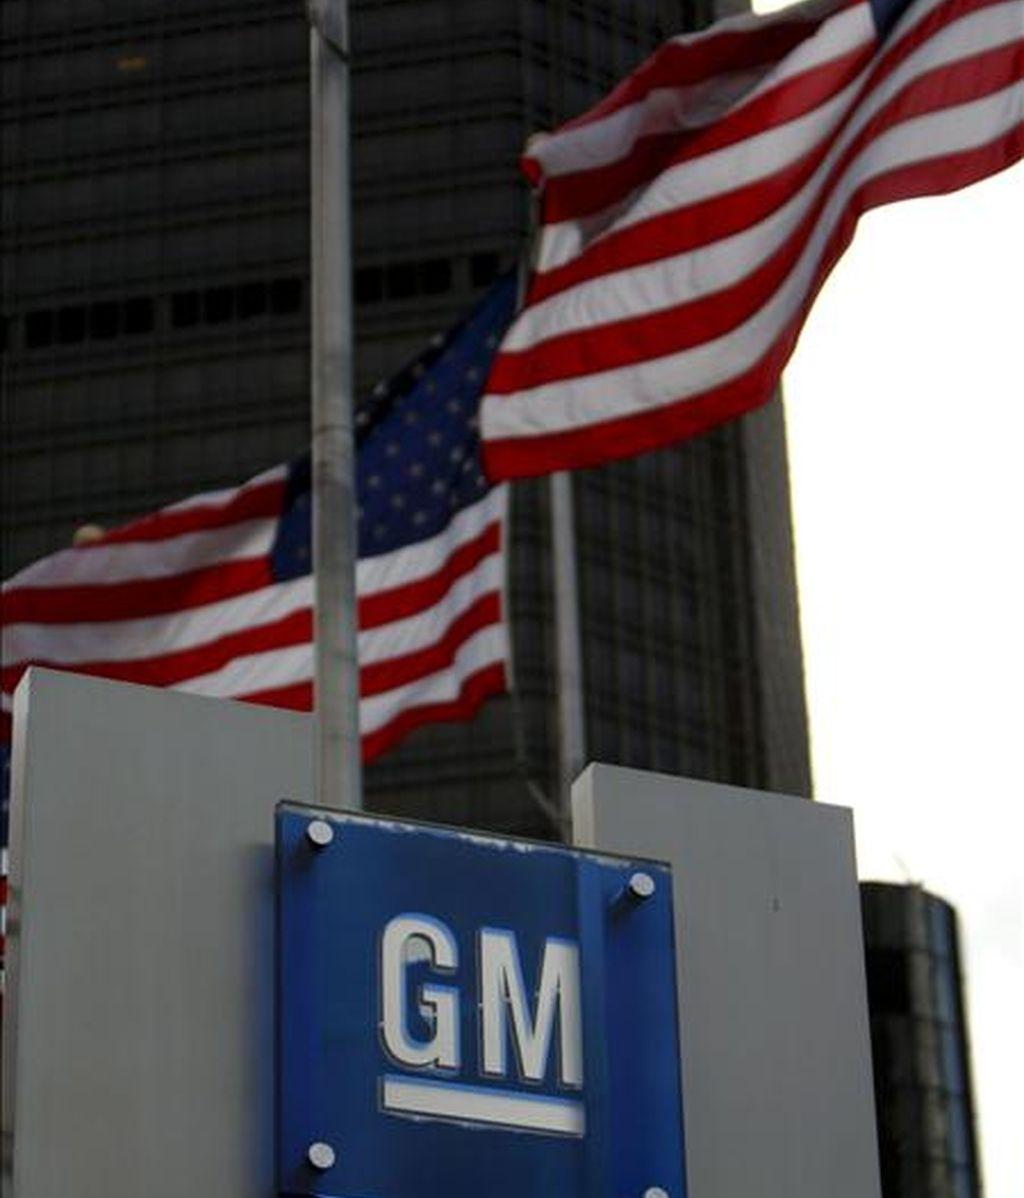 Los Ejecutivos de EE.UU. y Canadá han prestado miles de millones de dólares a GM para que pueda vender sus activos a la Nueva GM y salir de la quiebra en unas semanas. EFE/Archivo